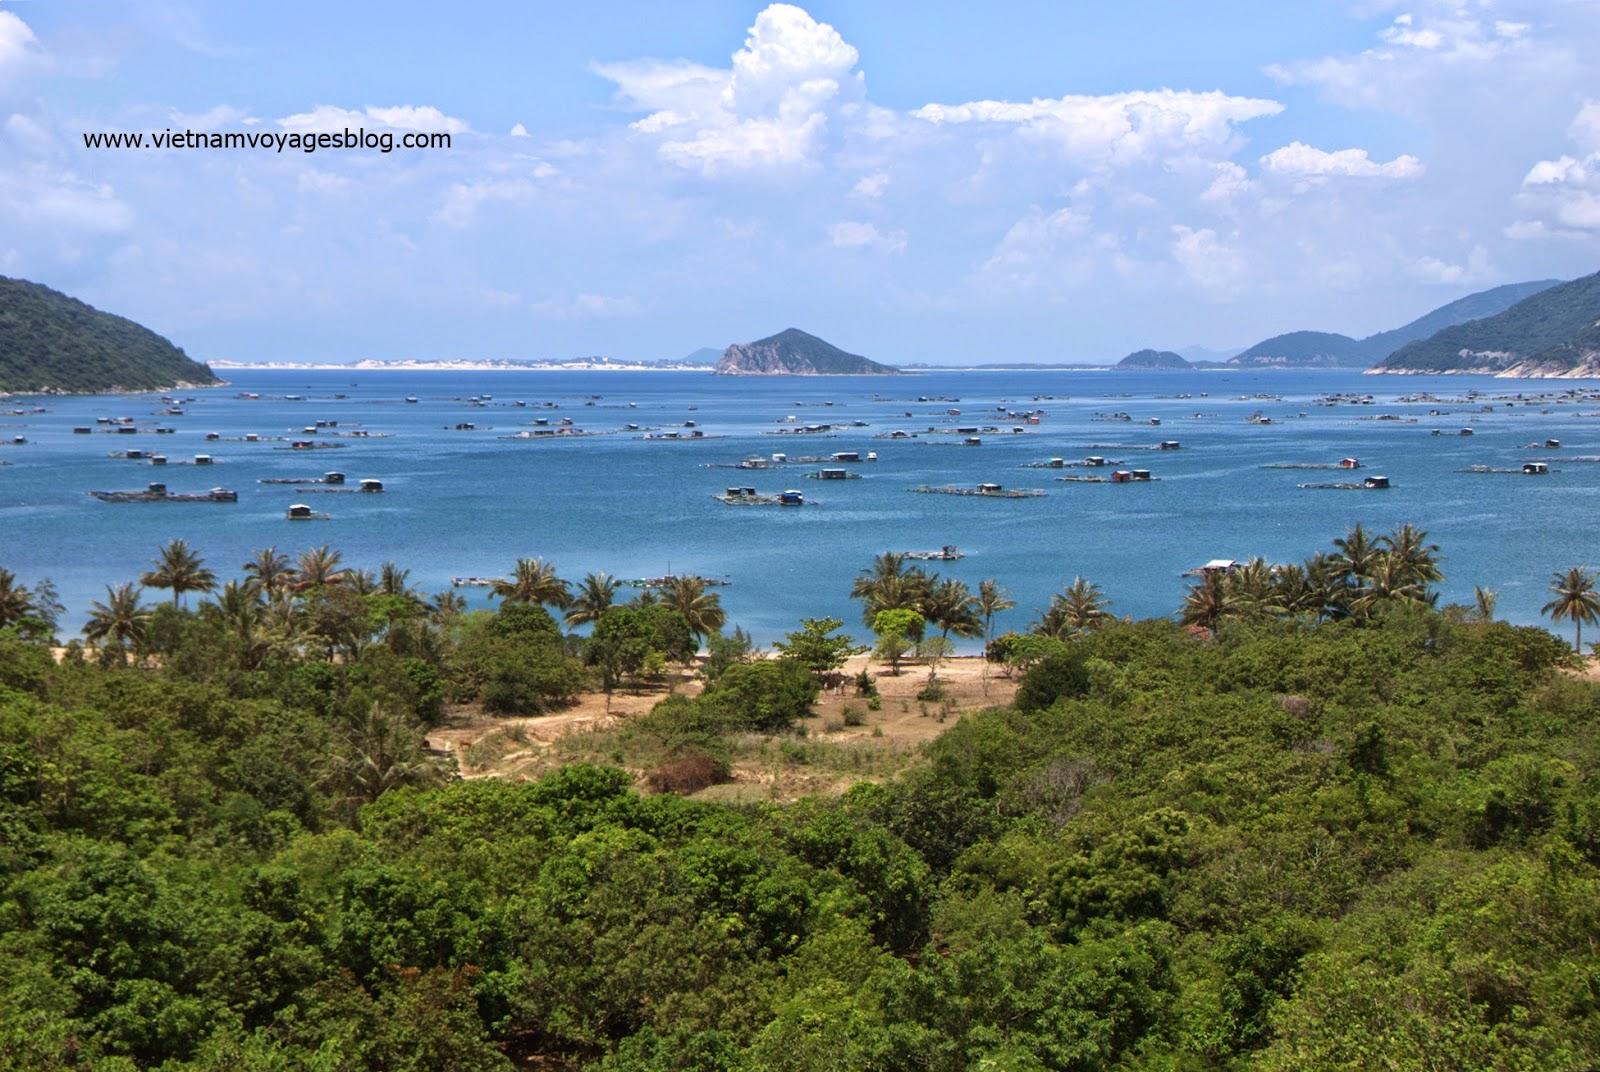 Nuôi cá bè ở Vịnh Vũng Rô, Phú Yên 2014